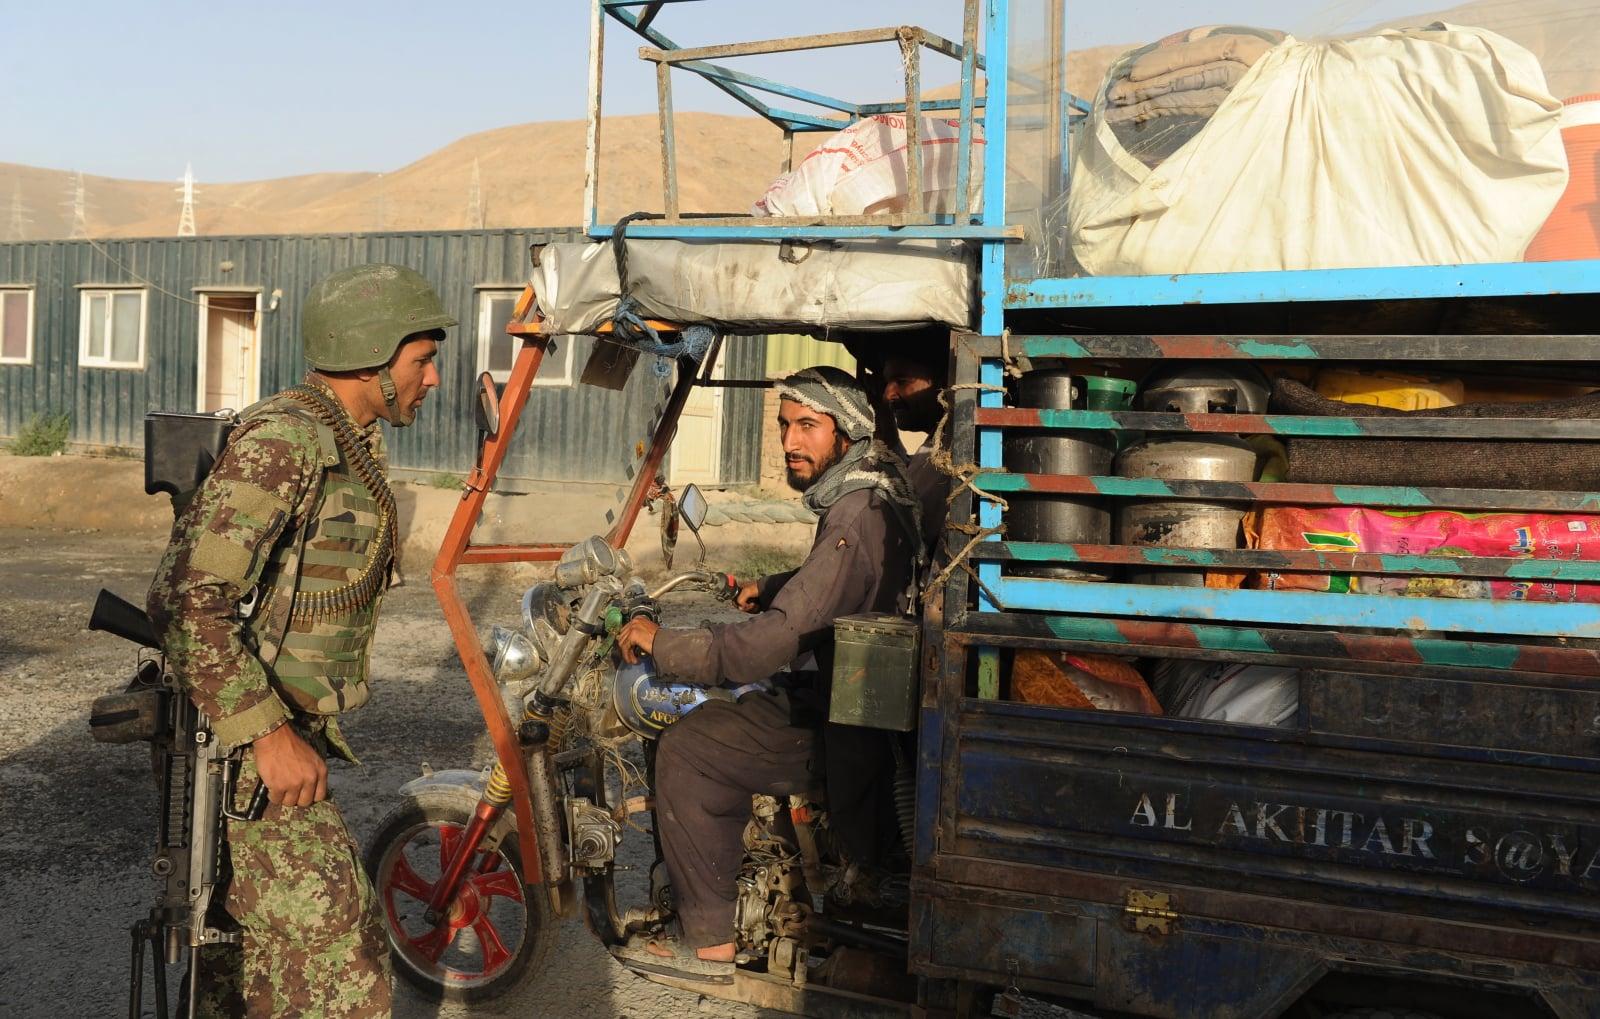 Atak afgańskich talibów fot. EPA/JAWAD JALALI